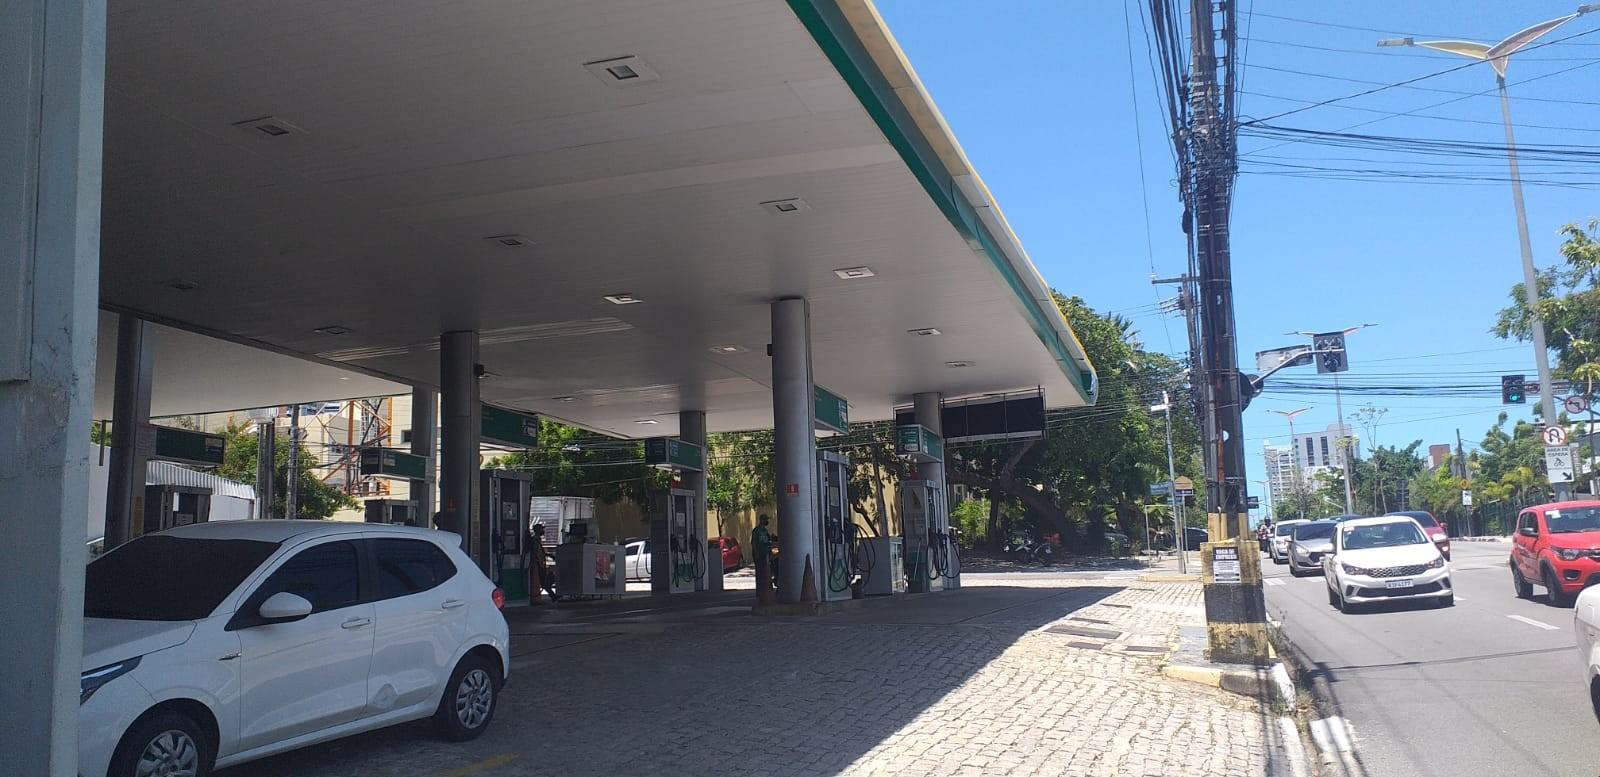 Preço do litro da gasolina é encontrado a até R$ 7,29 em 10 postos de combustíveis pesquisados em Fortaleza